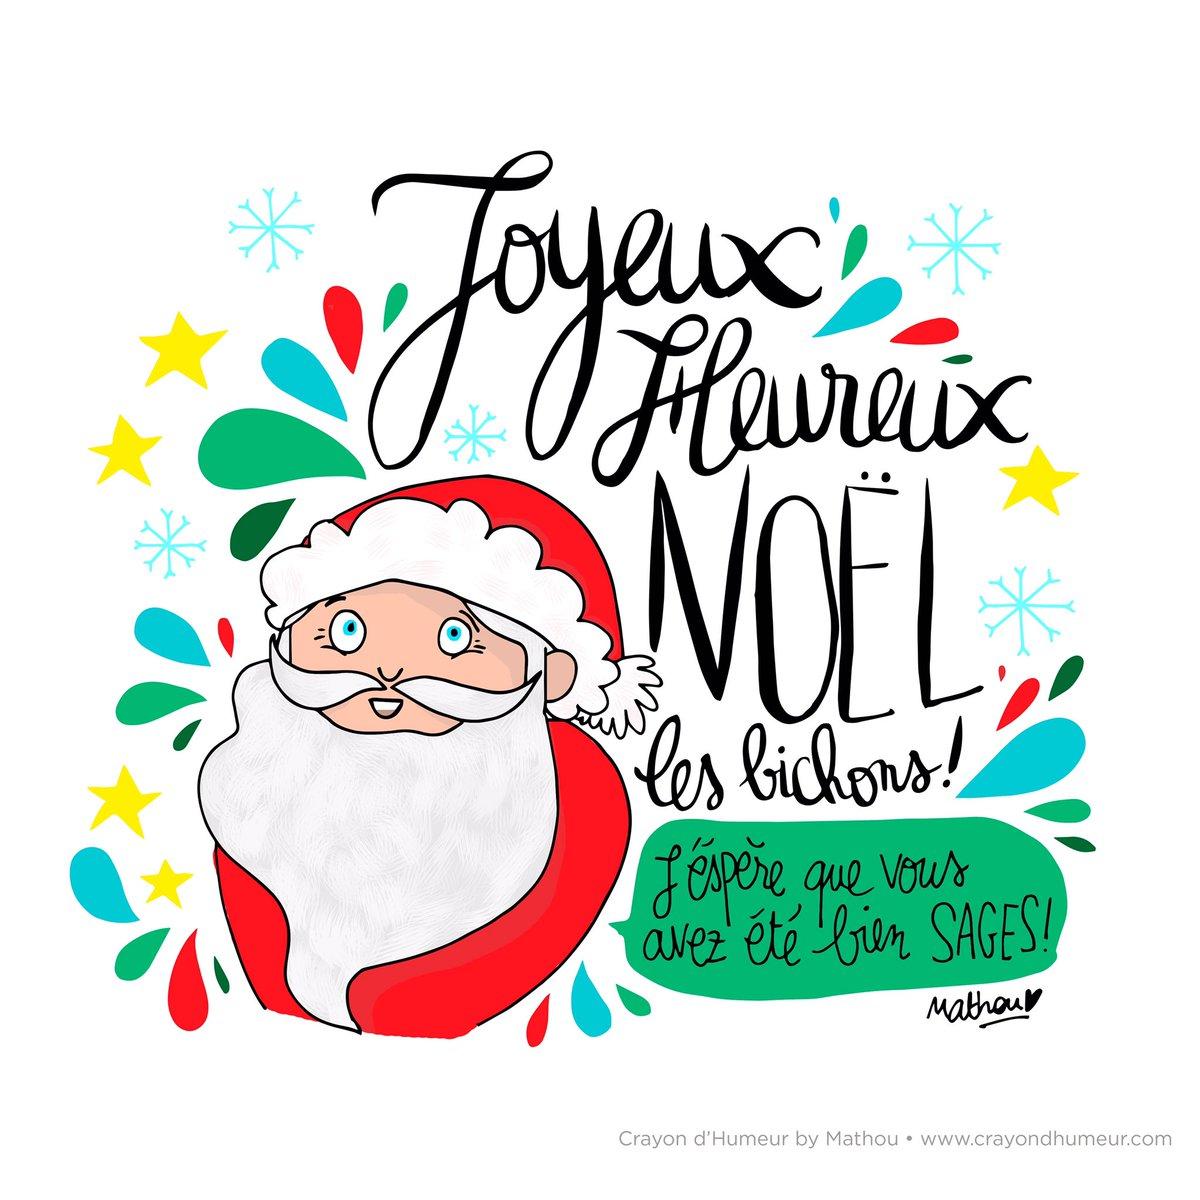 Mathou virfollet on twitter joyeux no l joyeux no l les bichons mathou - Dessin joyeux noel ...